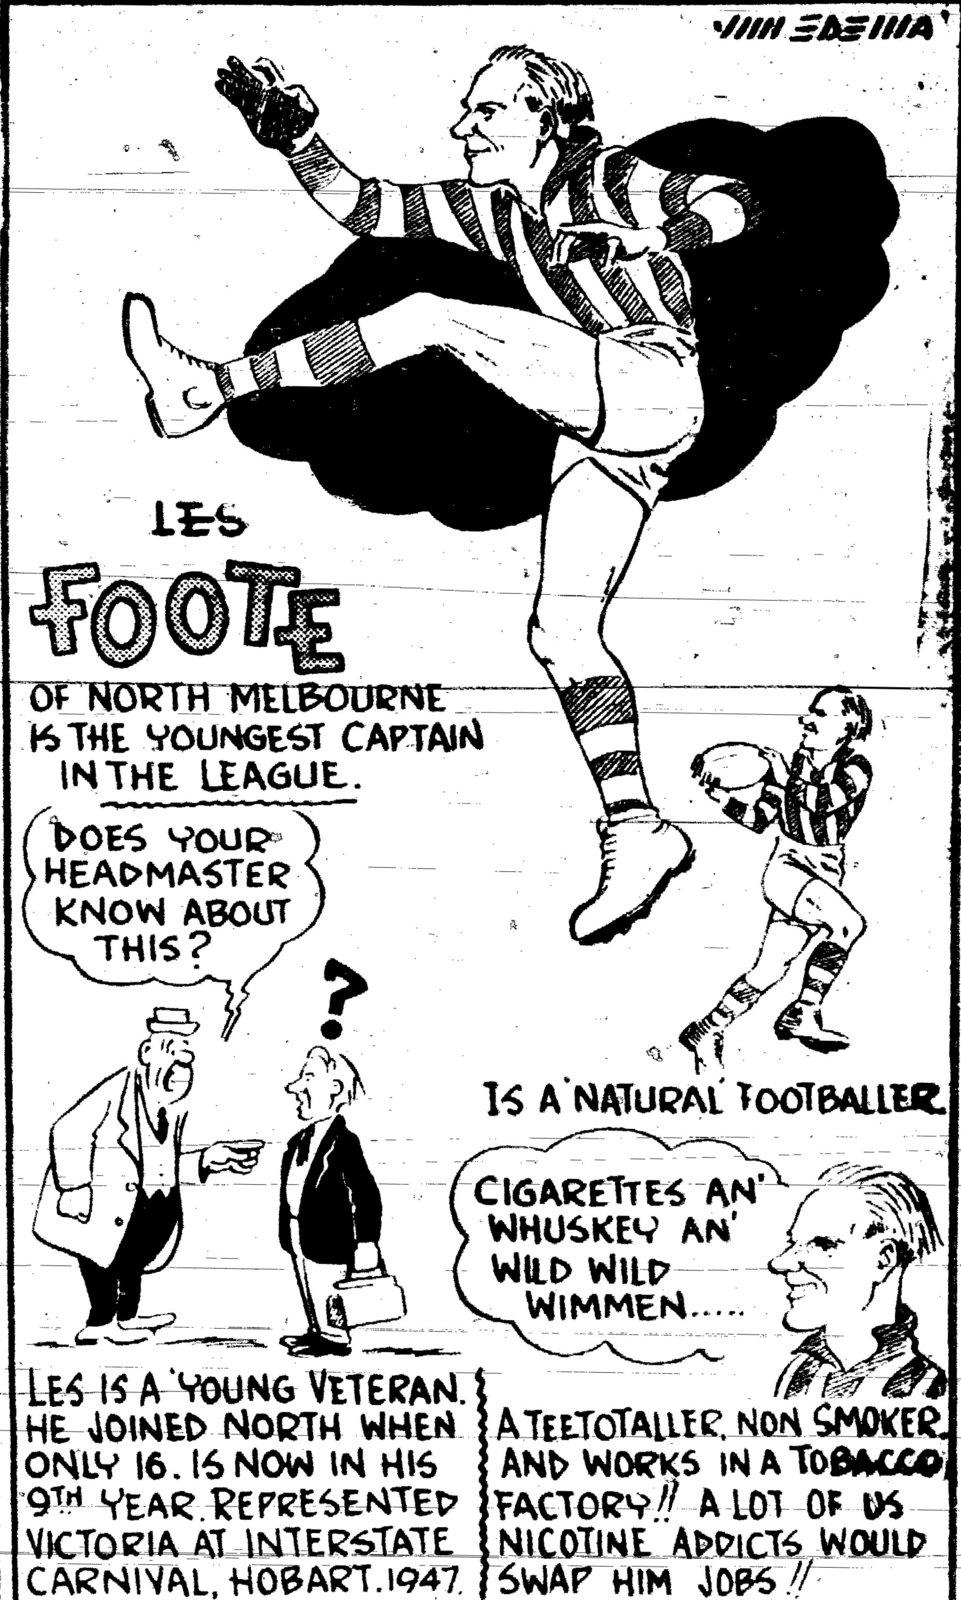 1949 Les Foote.jpg